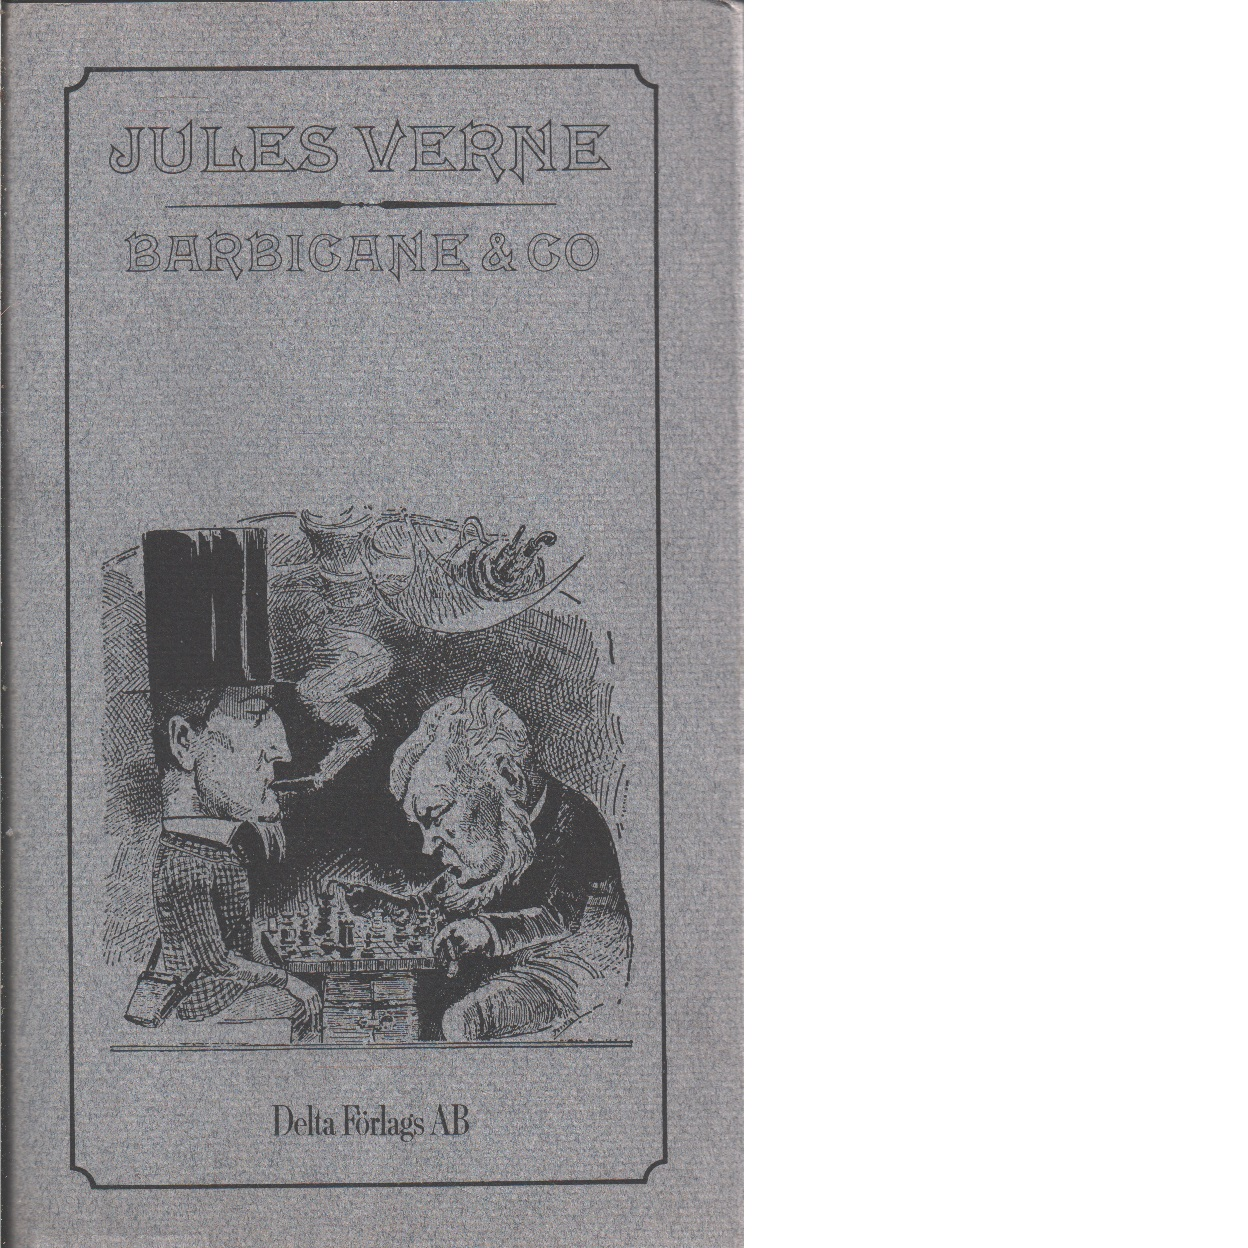 Barbicane & Co - Verne, Jules